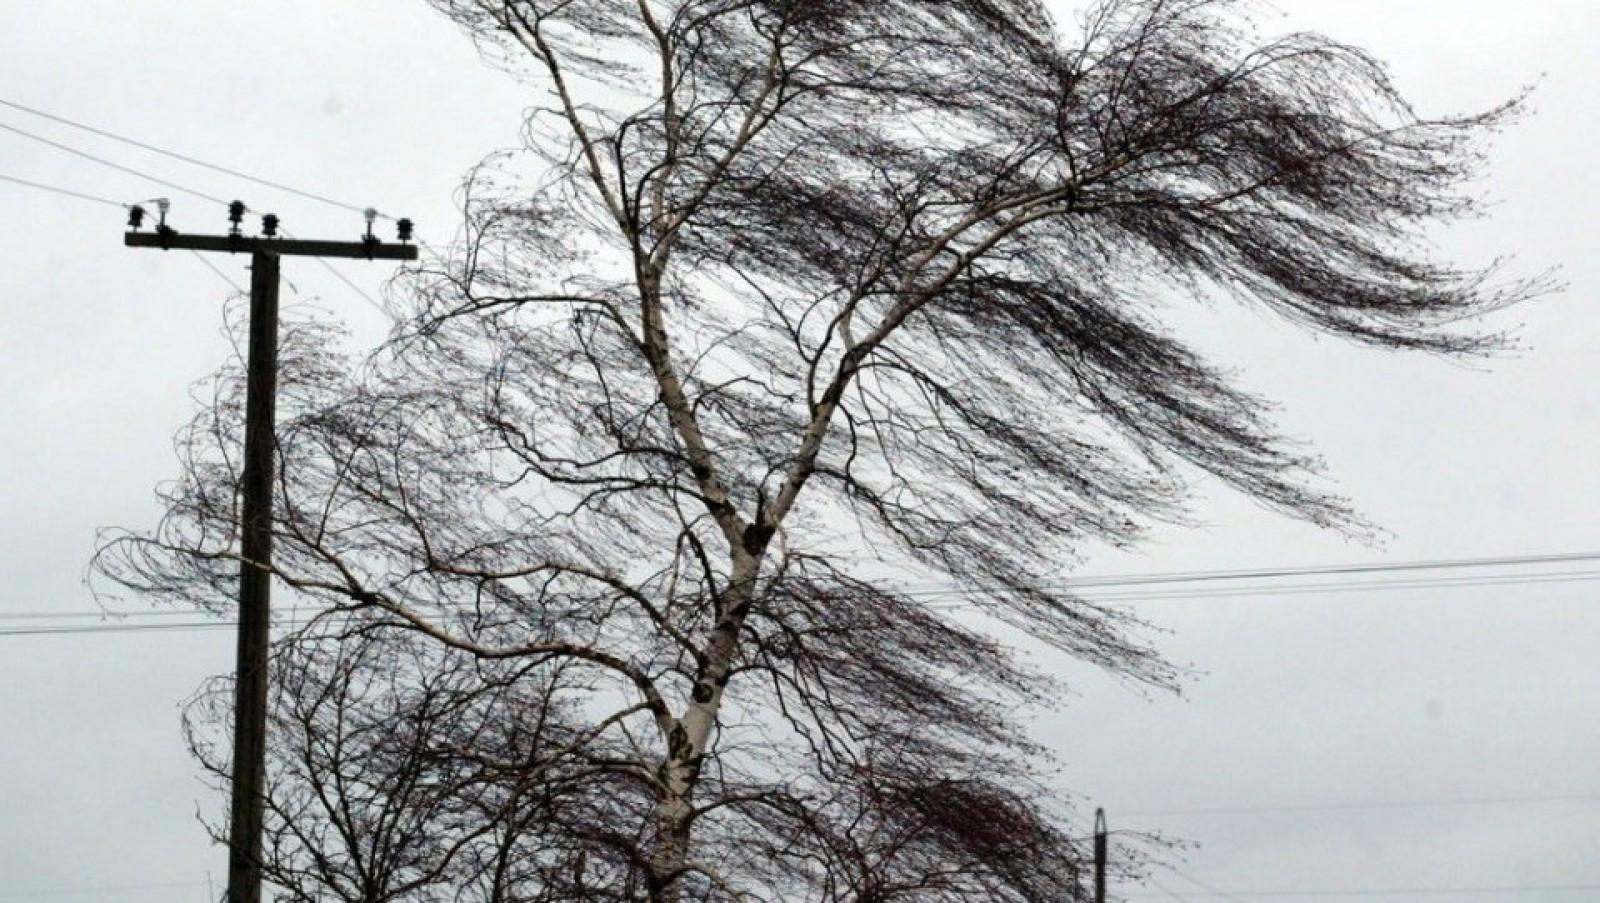 В Брянской области 5 мая ожидается ураганный ветер до 18 метров в секунду